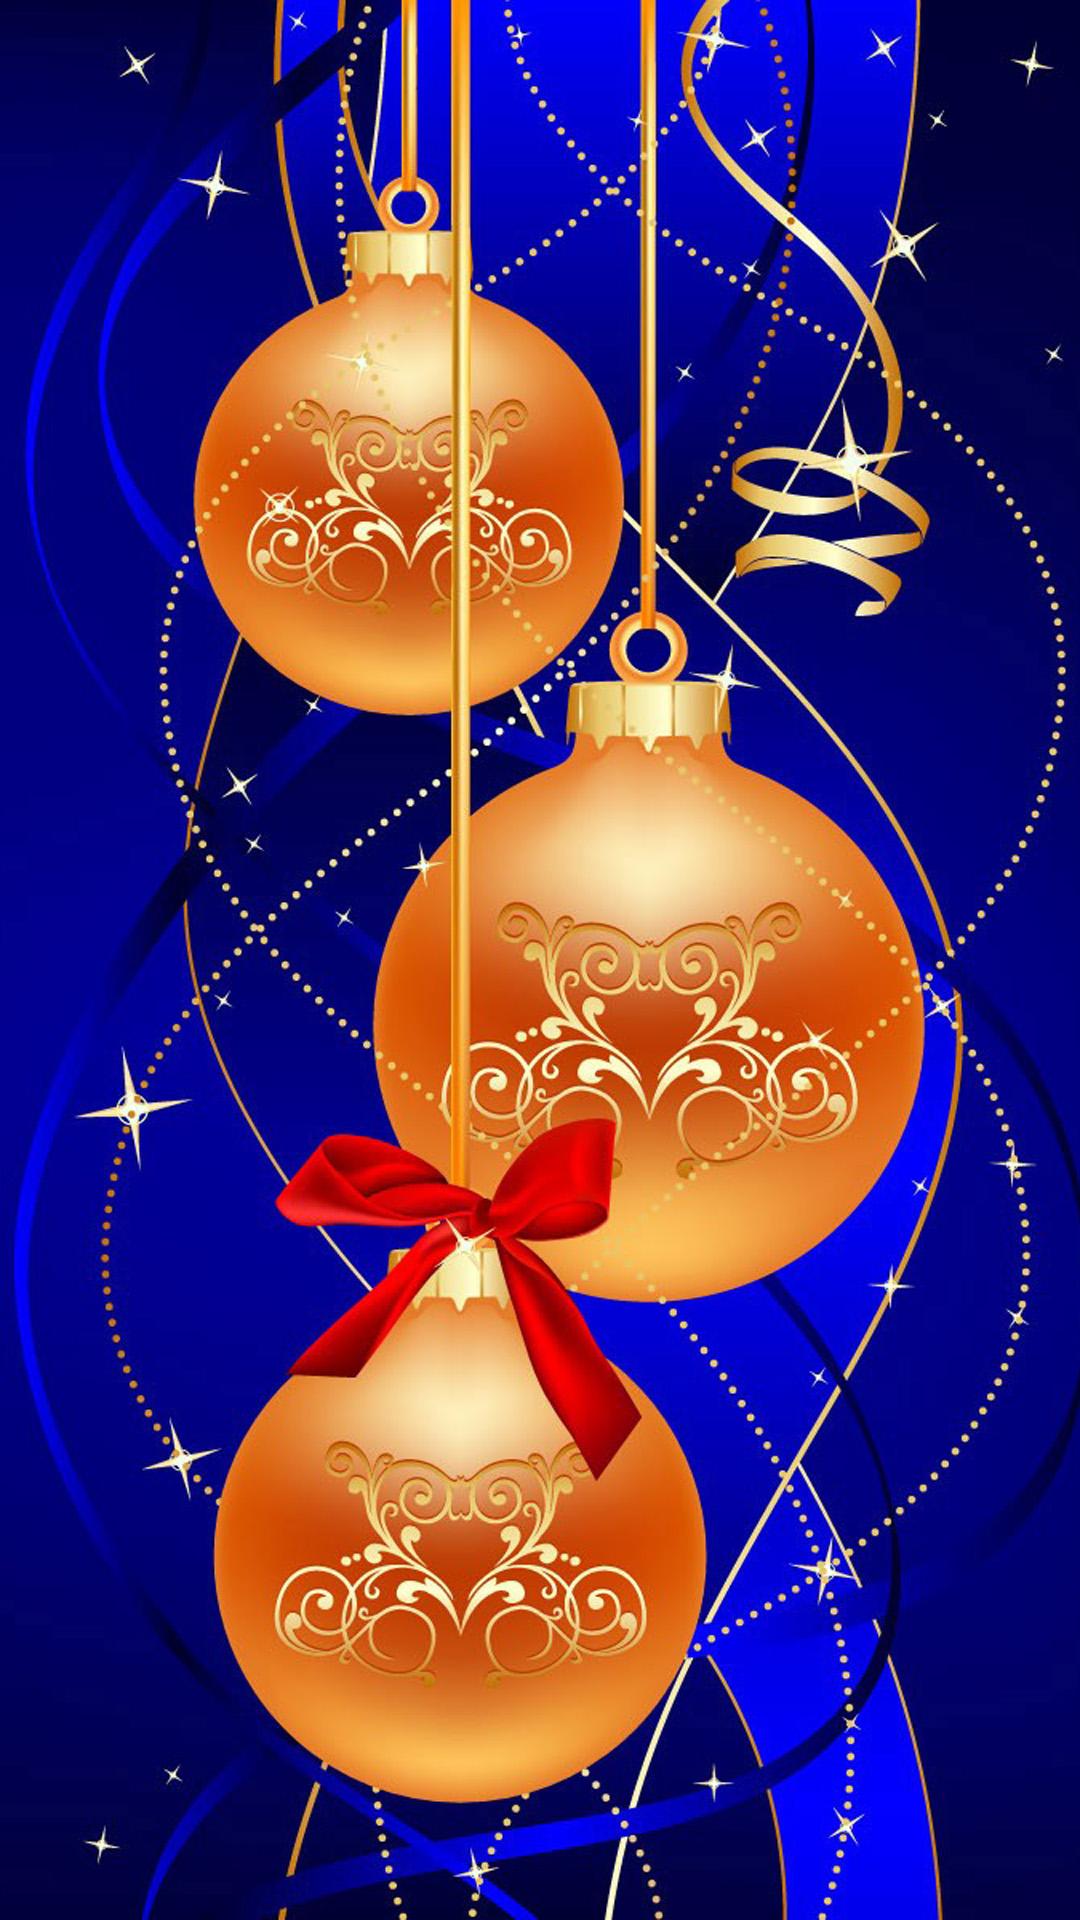 Christmas Hd Wallpaper For Android.Christmas Tree Decoration Android Wallpaper Android Hd